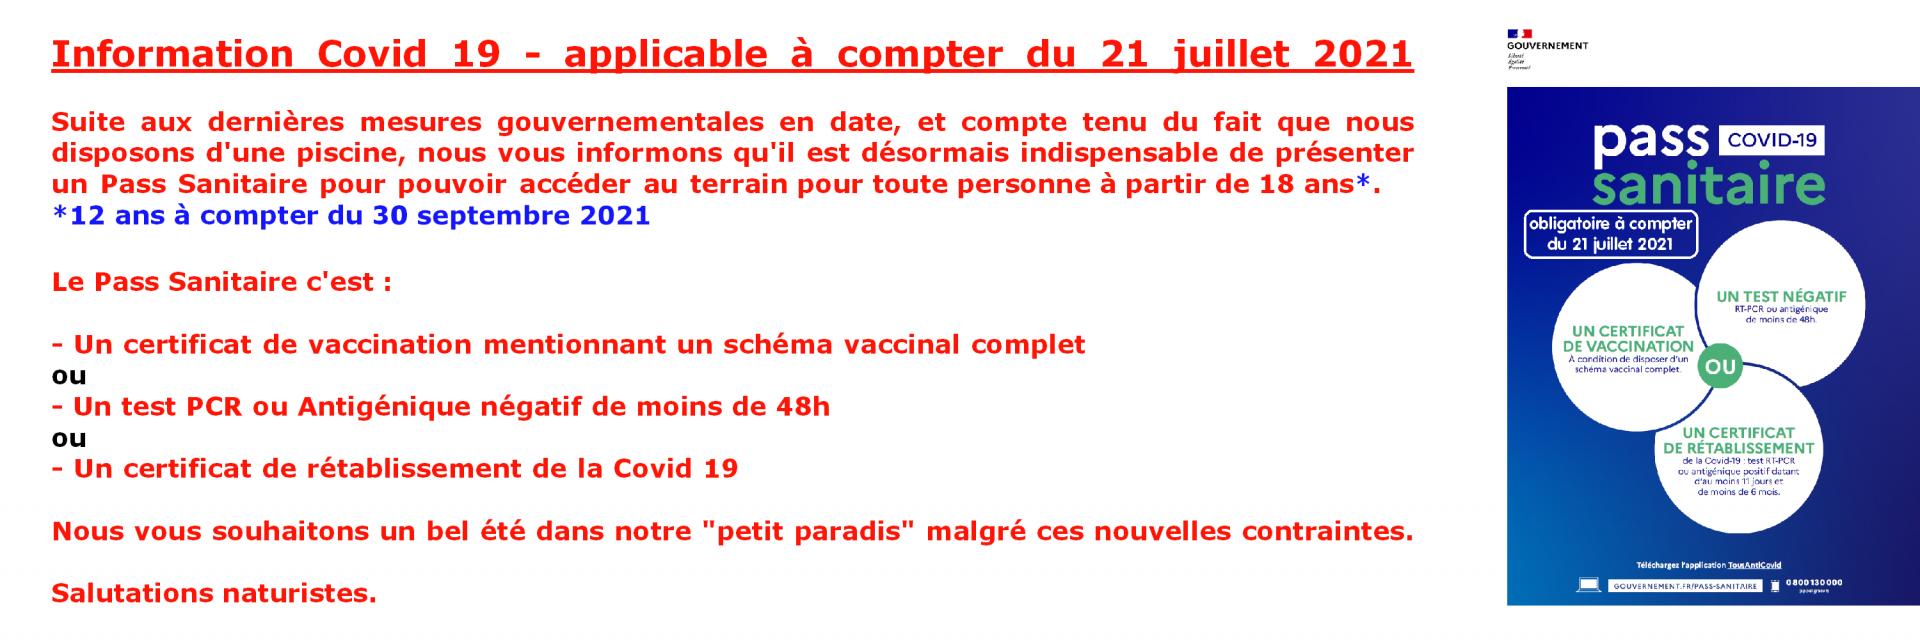 Pass sanitaire2bv4